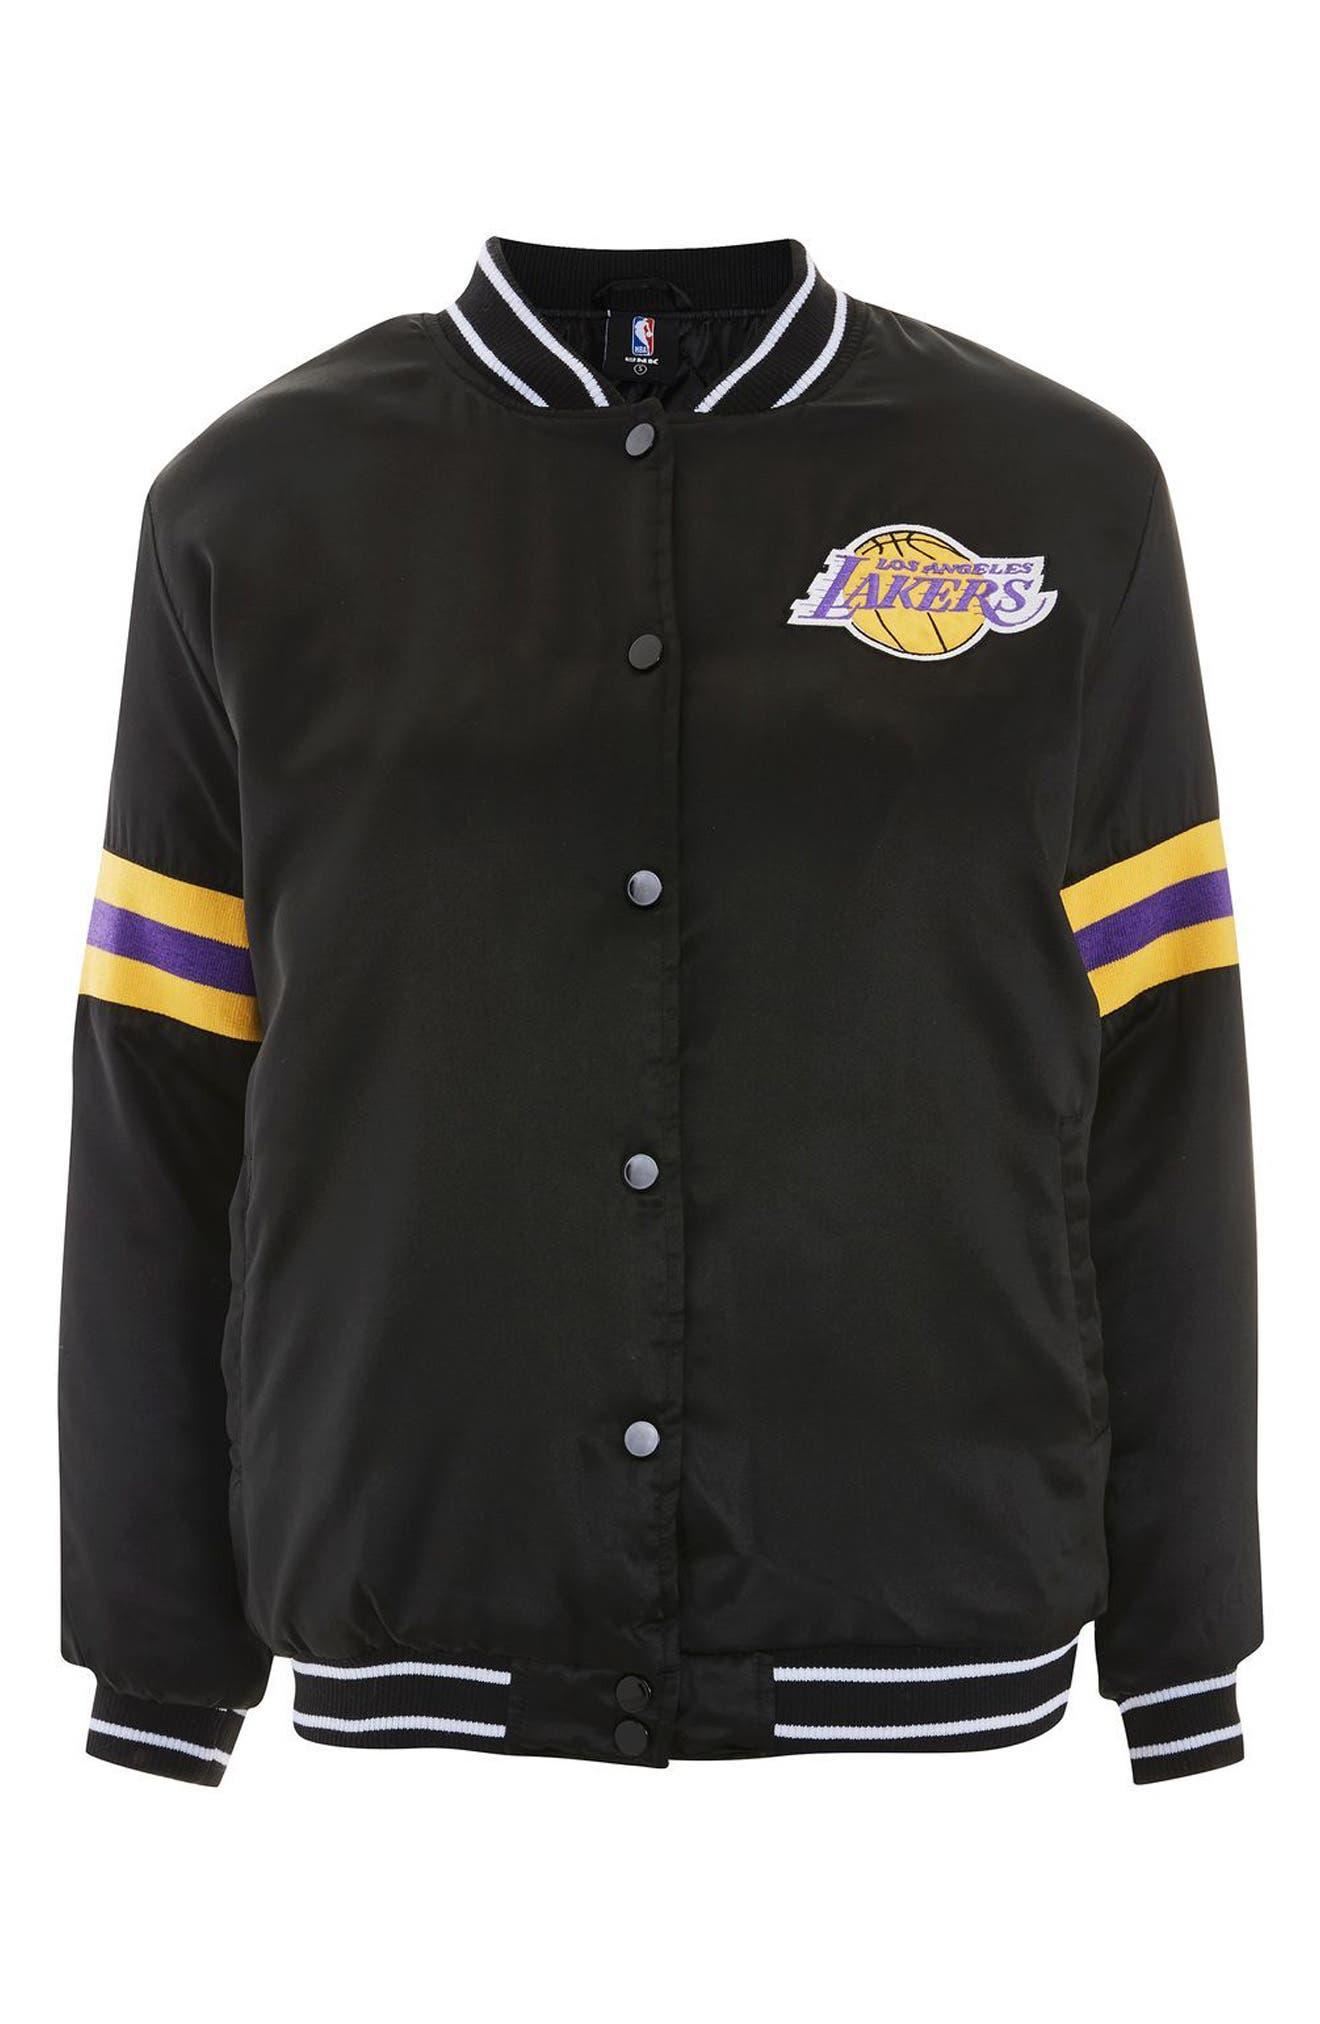 x UNK Lakers Bomber Jacket,                             Alternate thumbnail 4, color,                             001